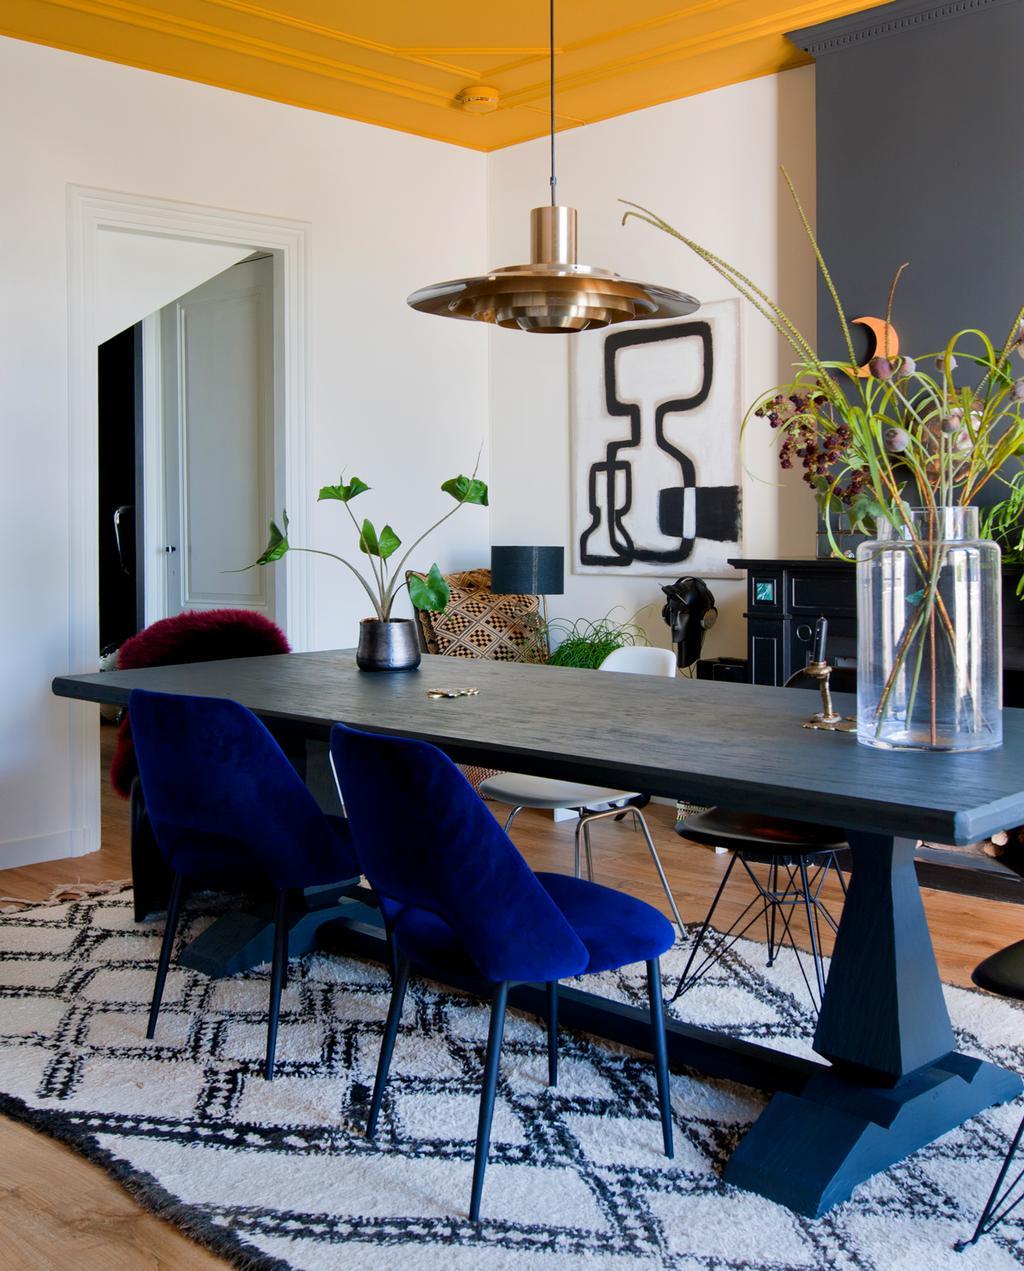 vtwonen binnenkijken special 2019 | eetkamer appartement